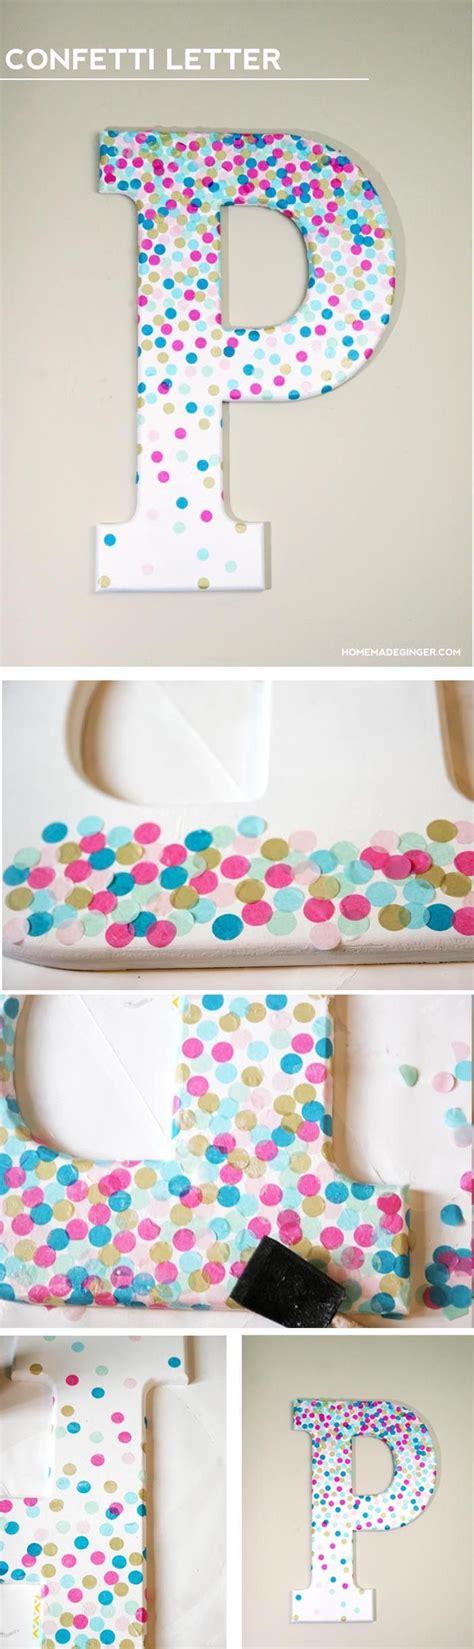 bricolage chambre b diy wall confetti letter lettres bricolage et chambres